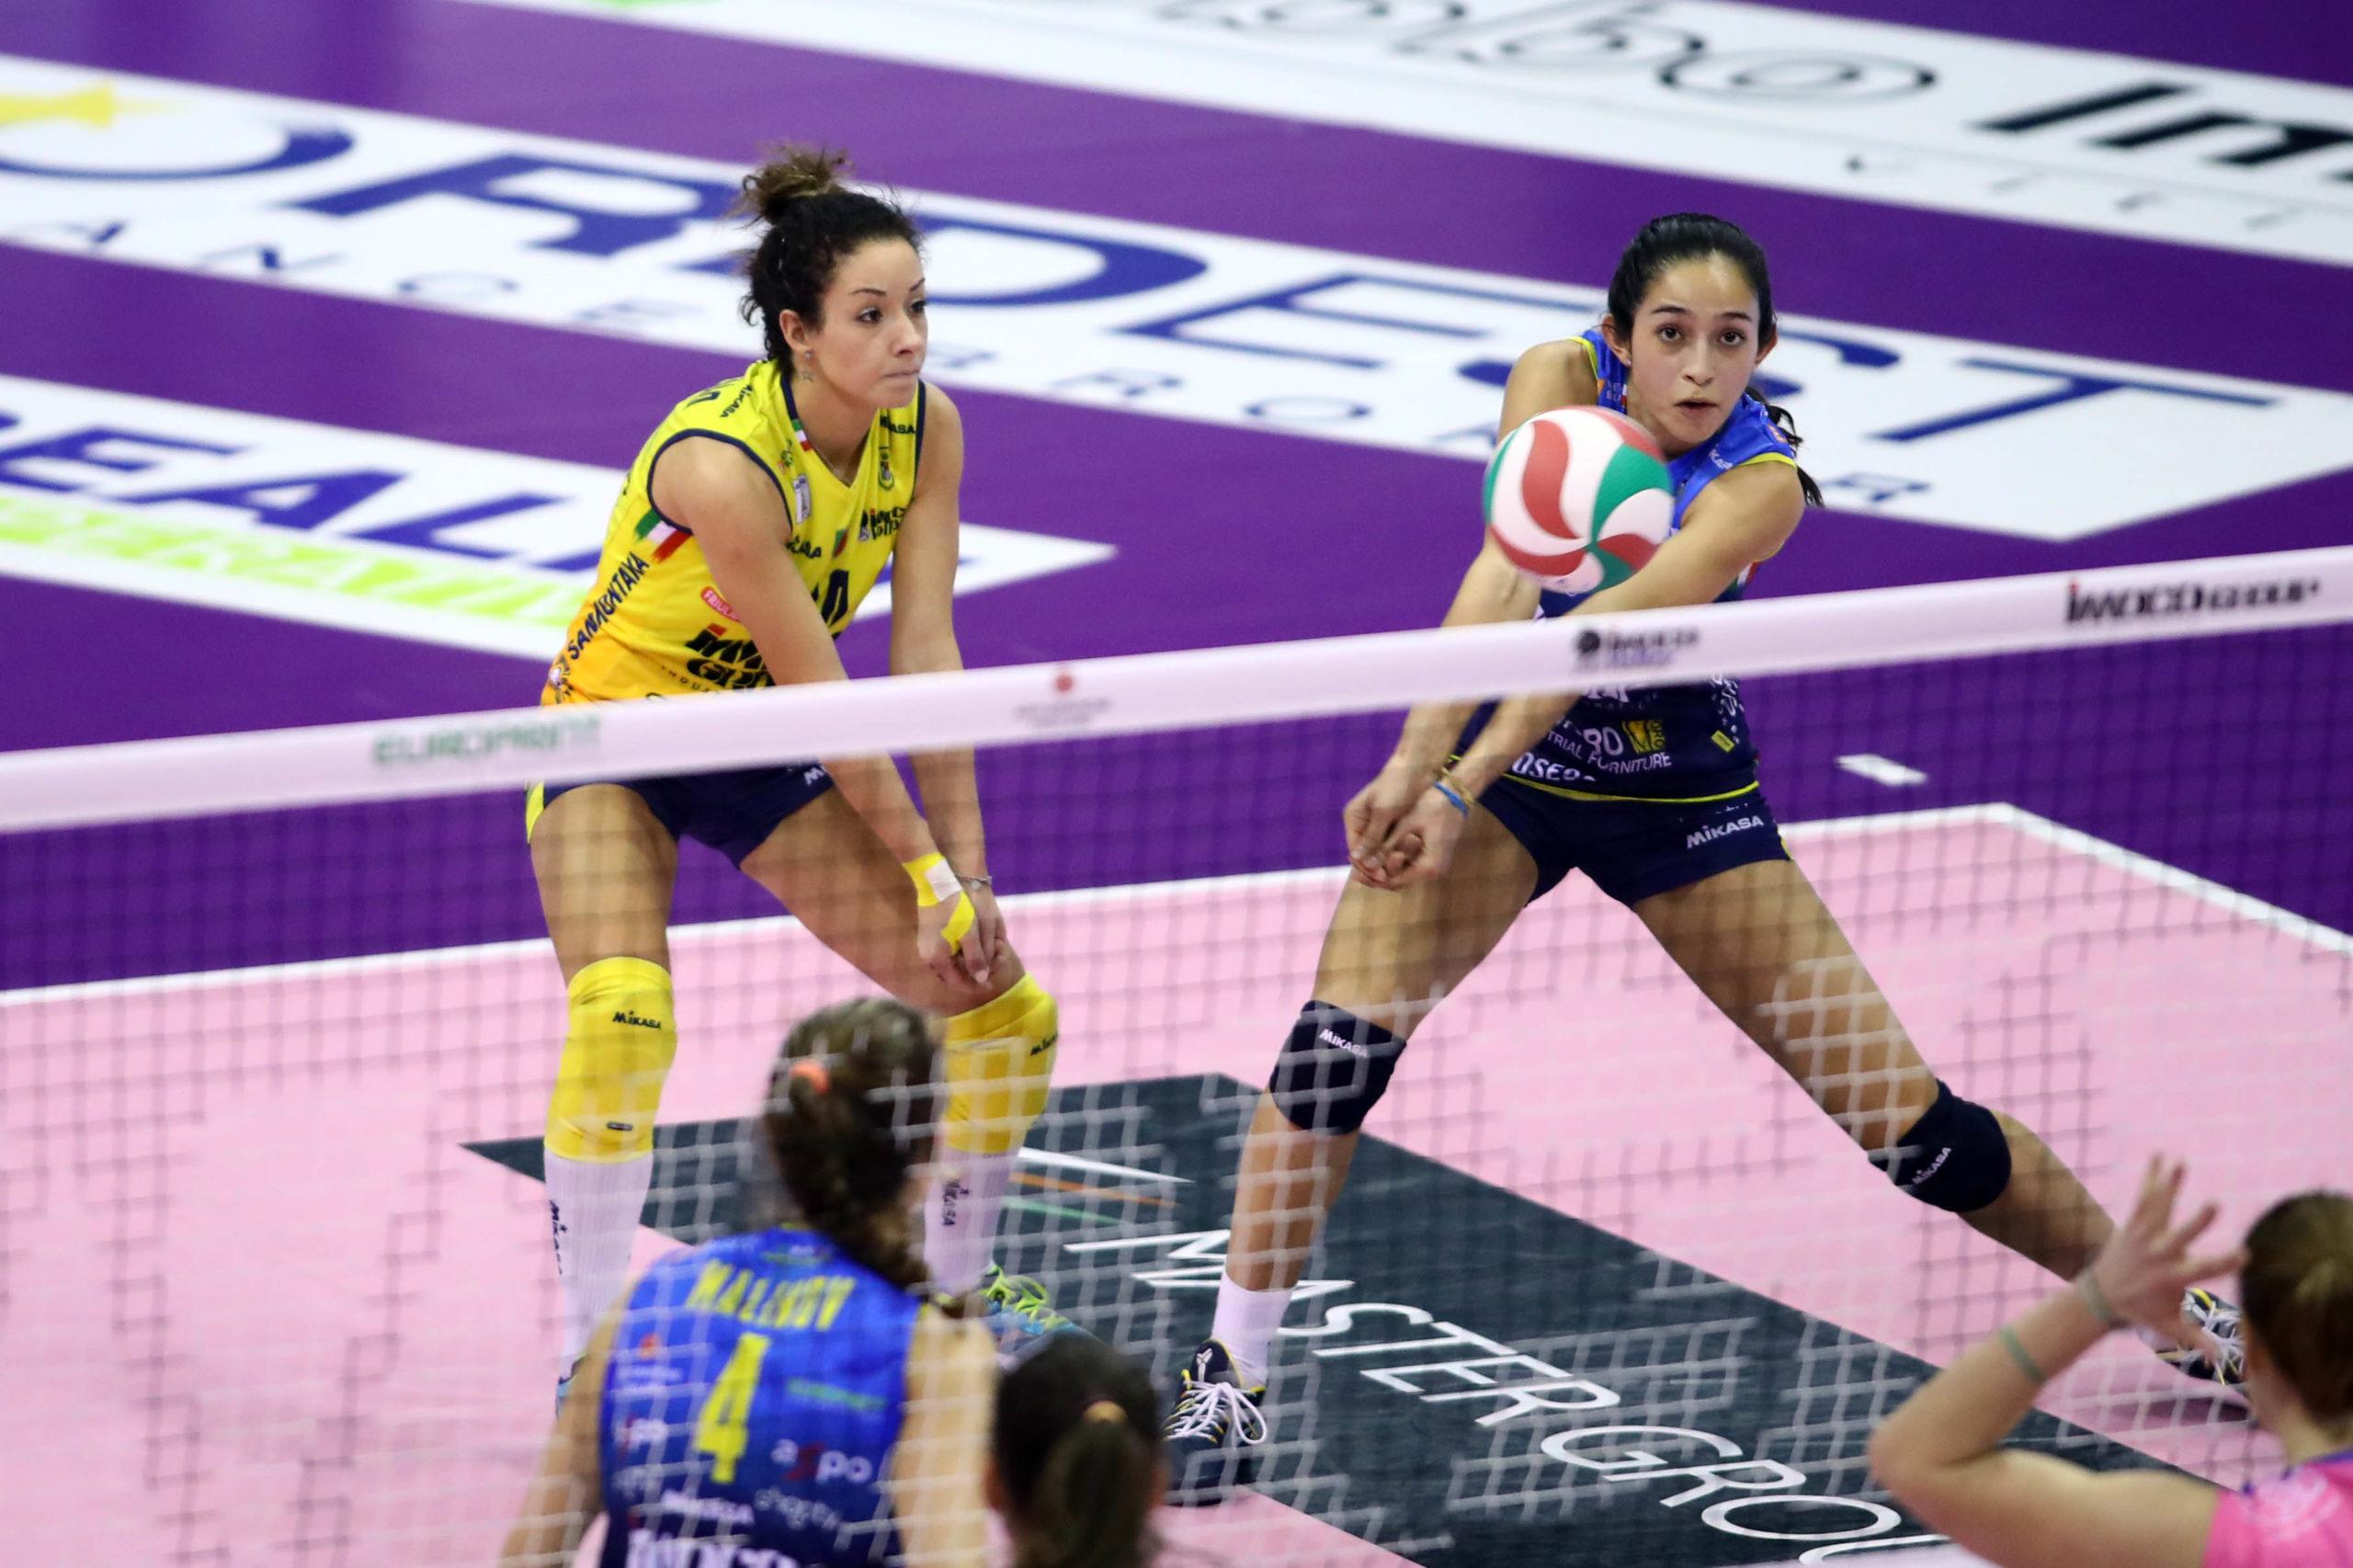 Volley: tutto pronto per la 4ª giornata di Cev Champions